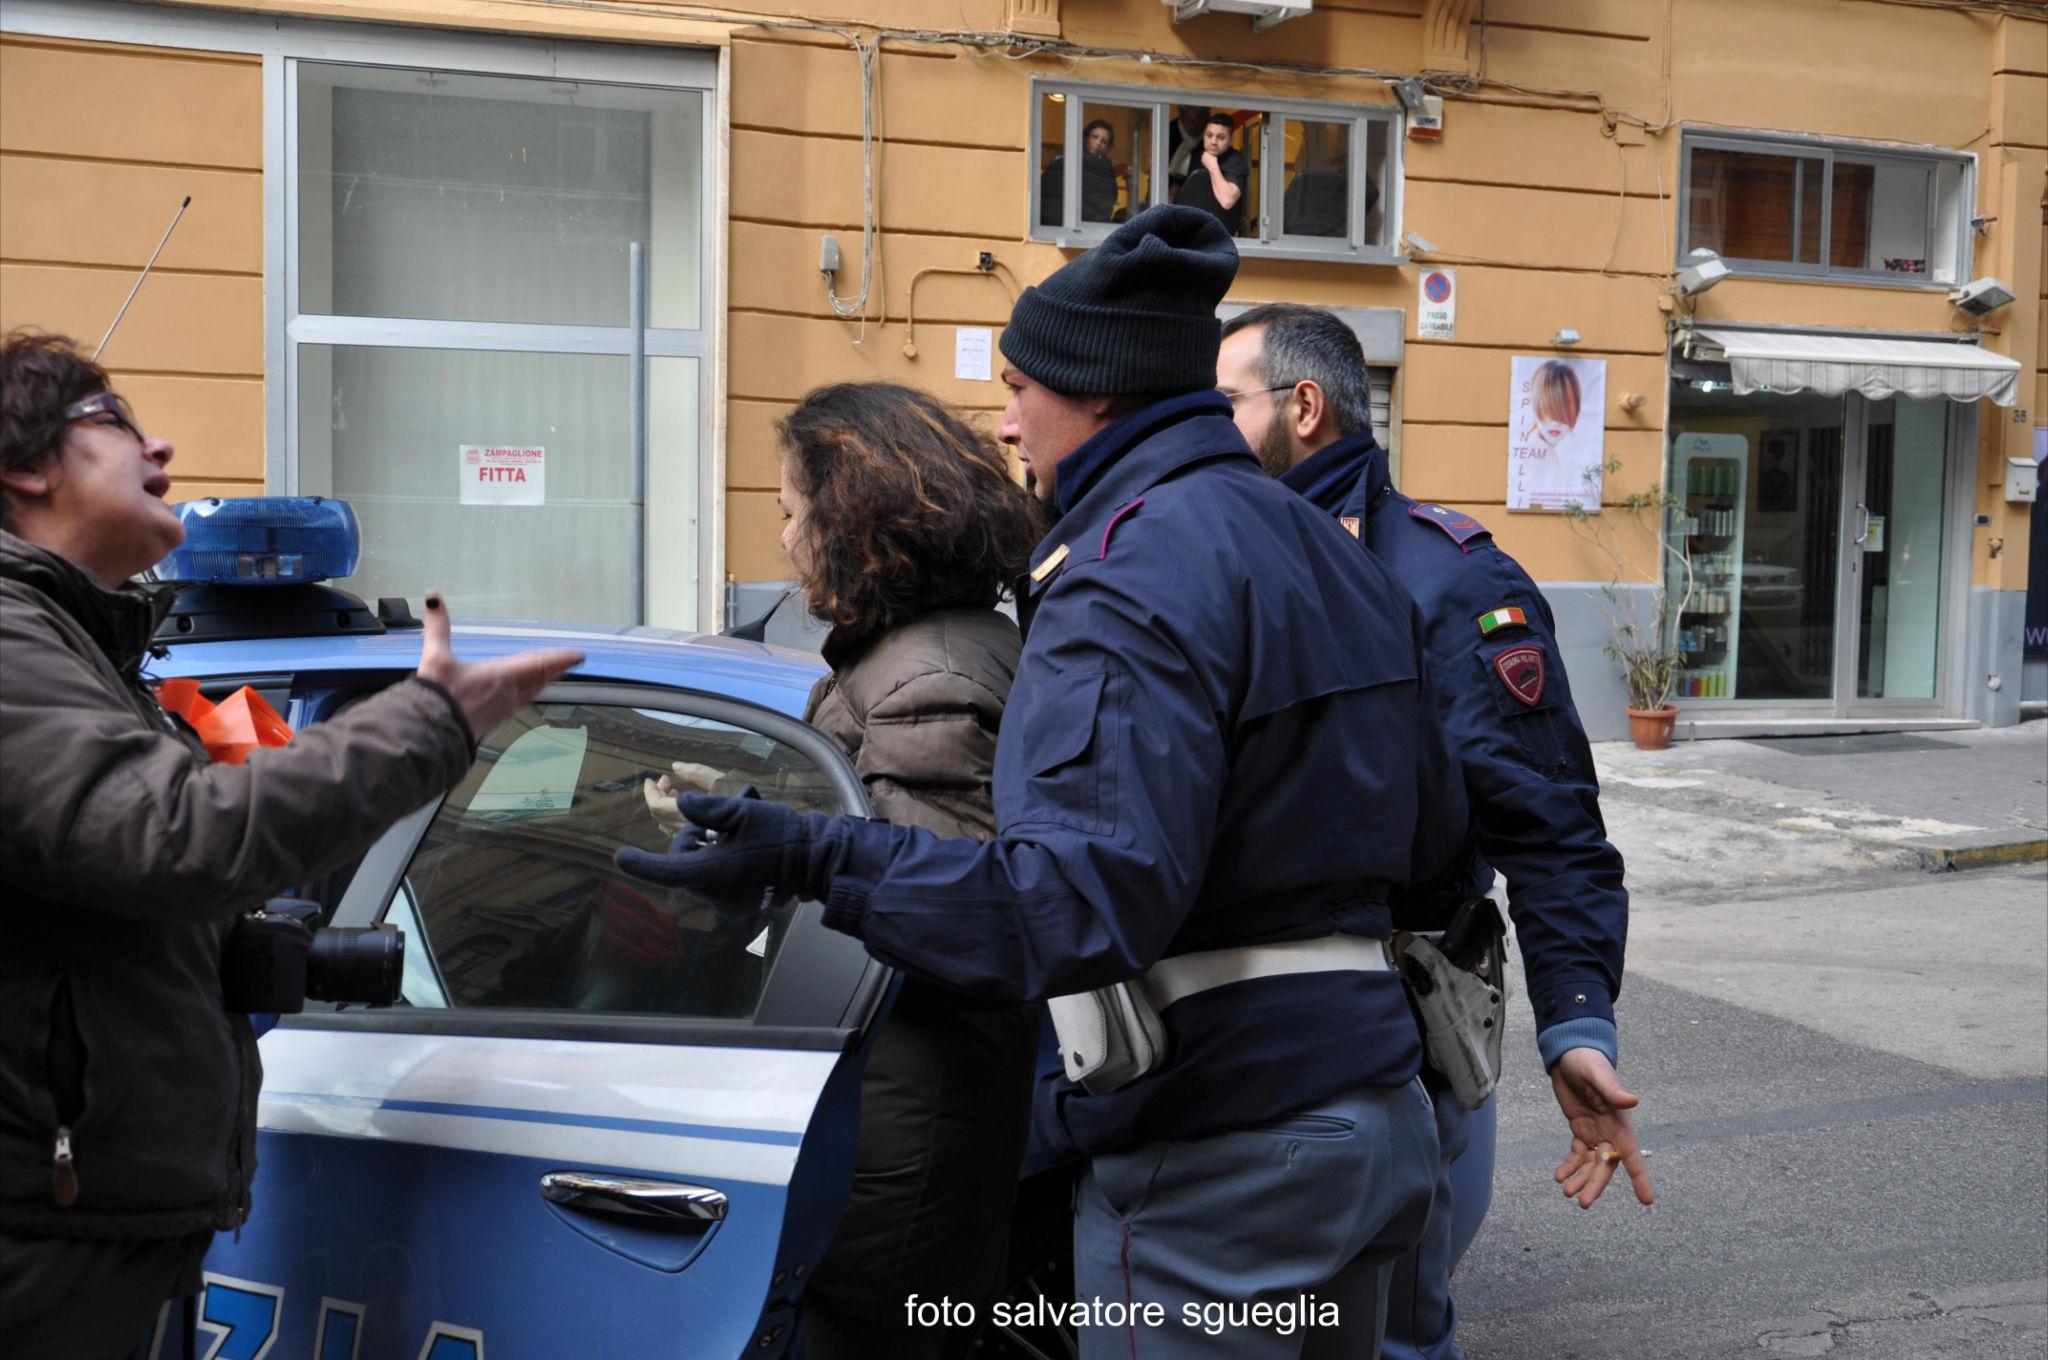 Video INTEGRALE del fermo di Raffaella Forgione durante la manifestazione dalla polizia